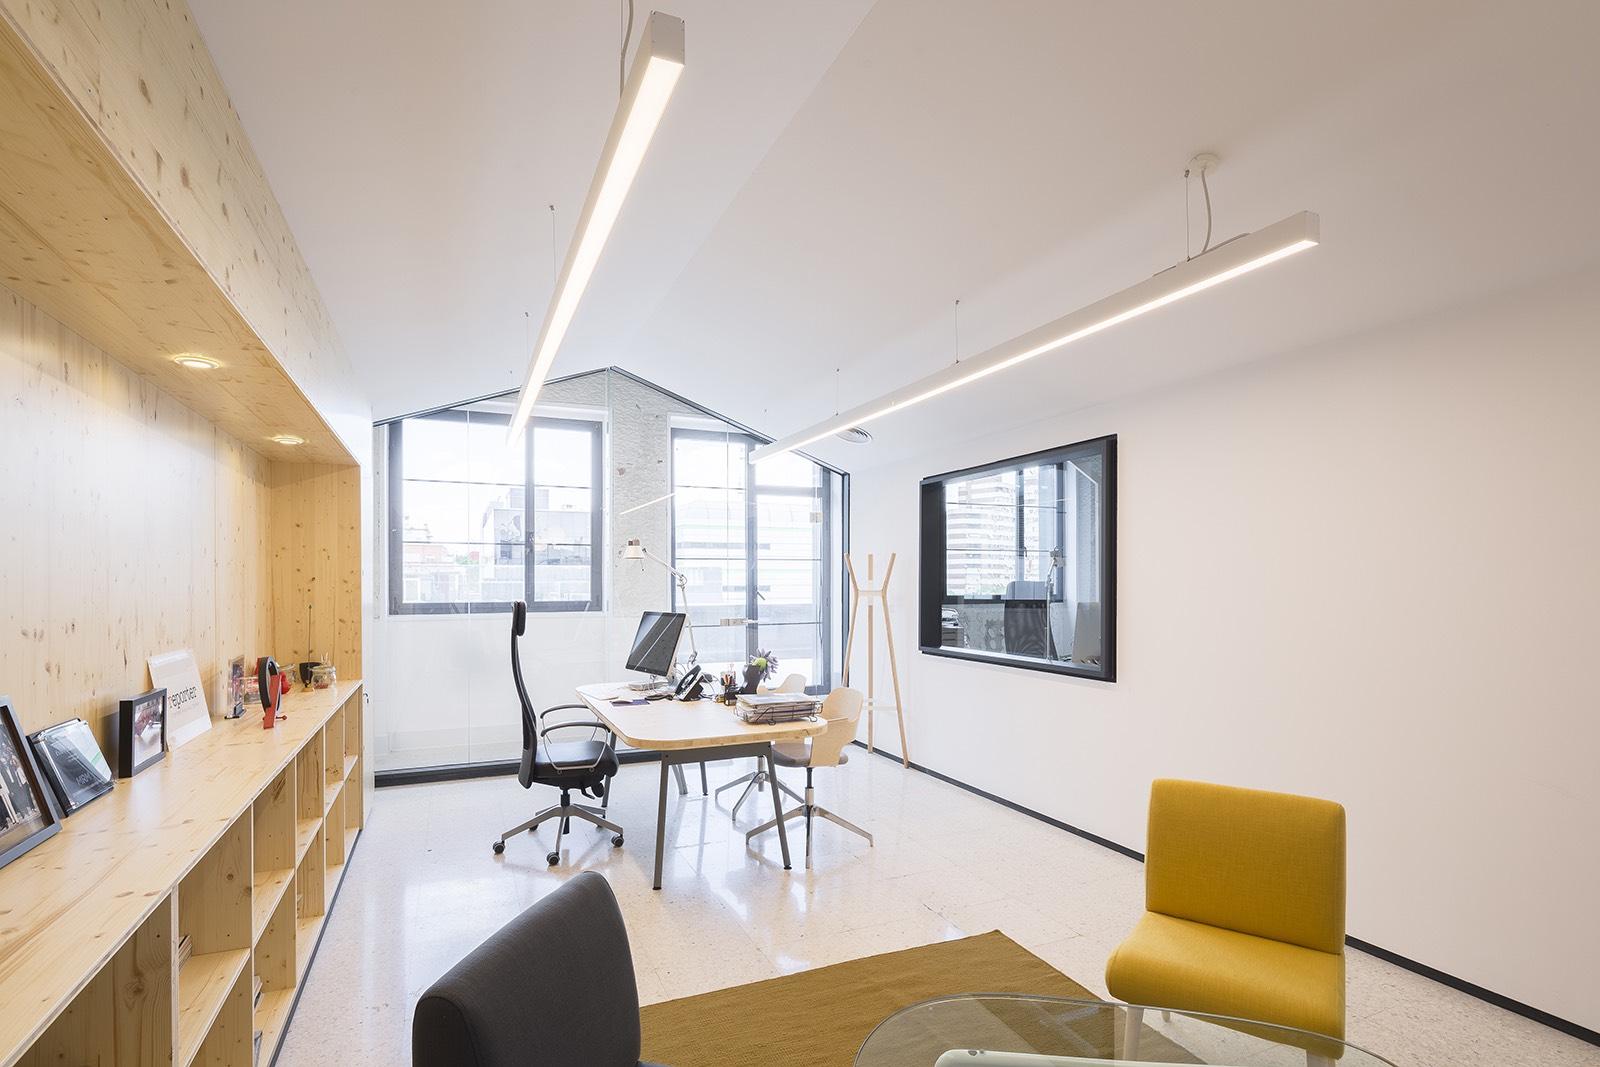 mccann-office-madrid-11